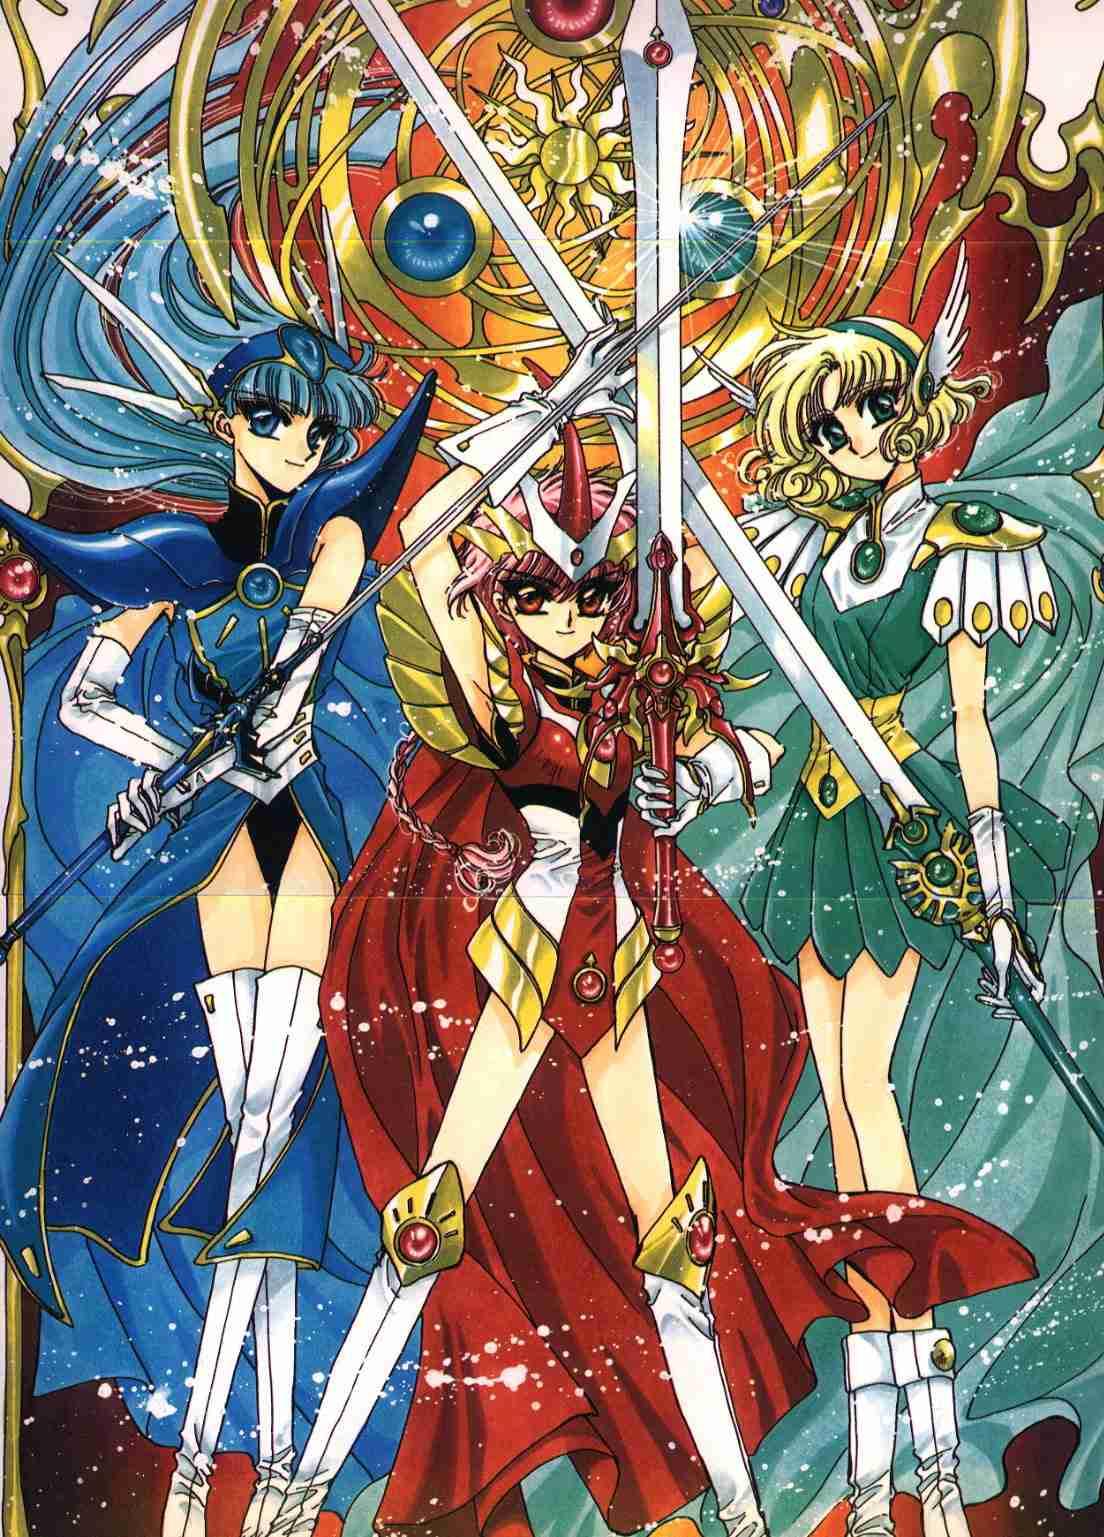 子供のころ死ぬほど好きだったアニメ 『美少女戦士セーラームーン』『ガジェット警部』